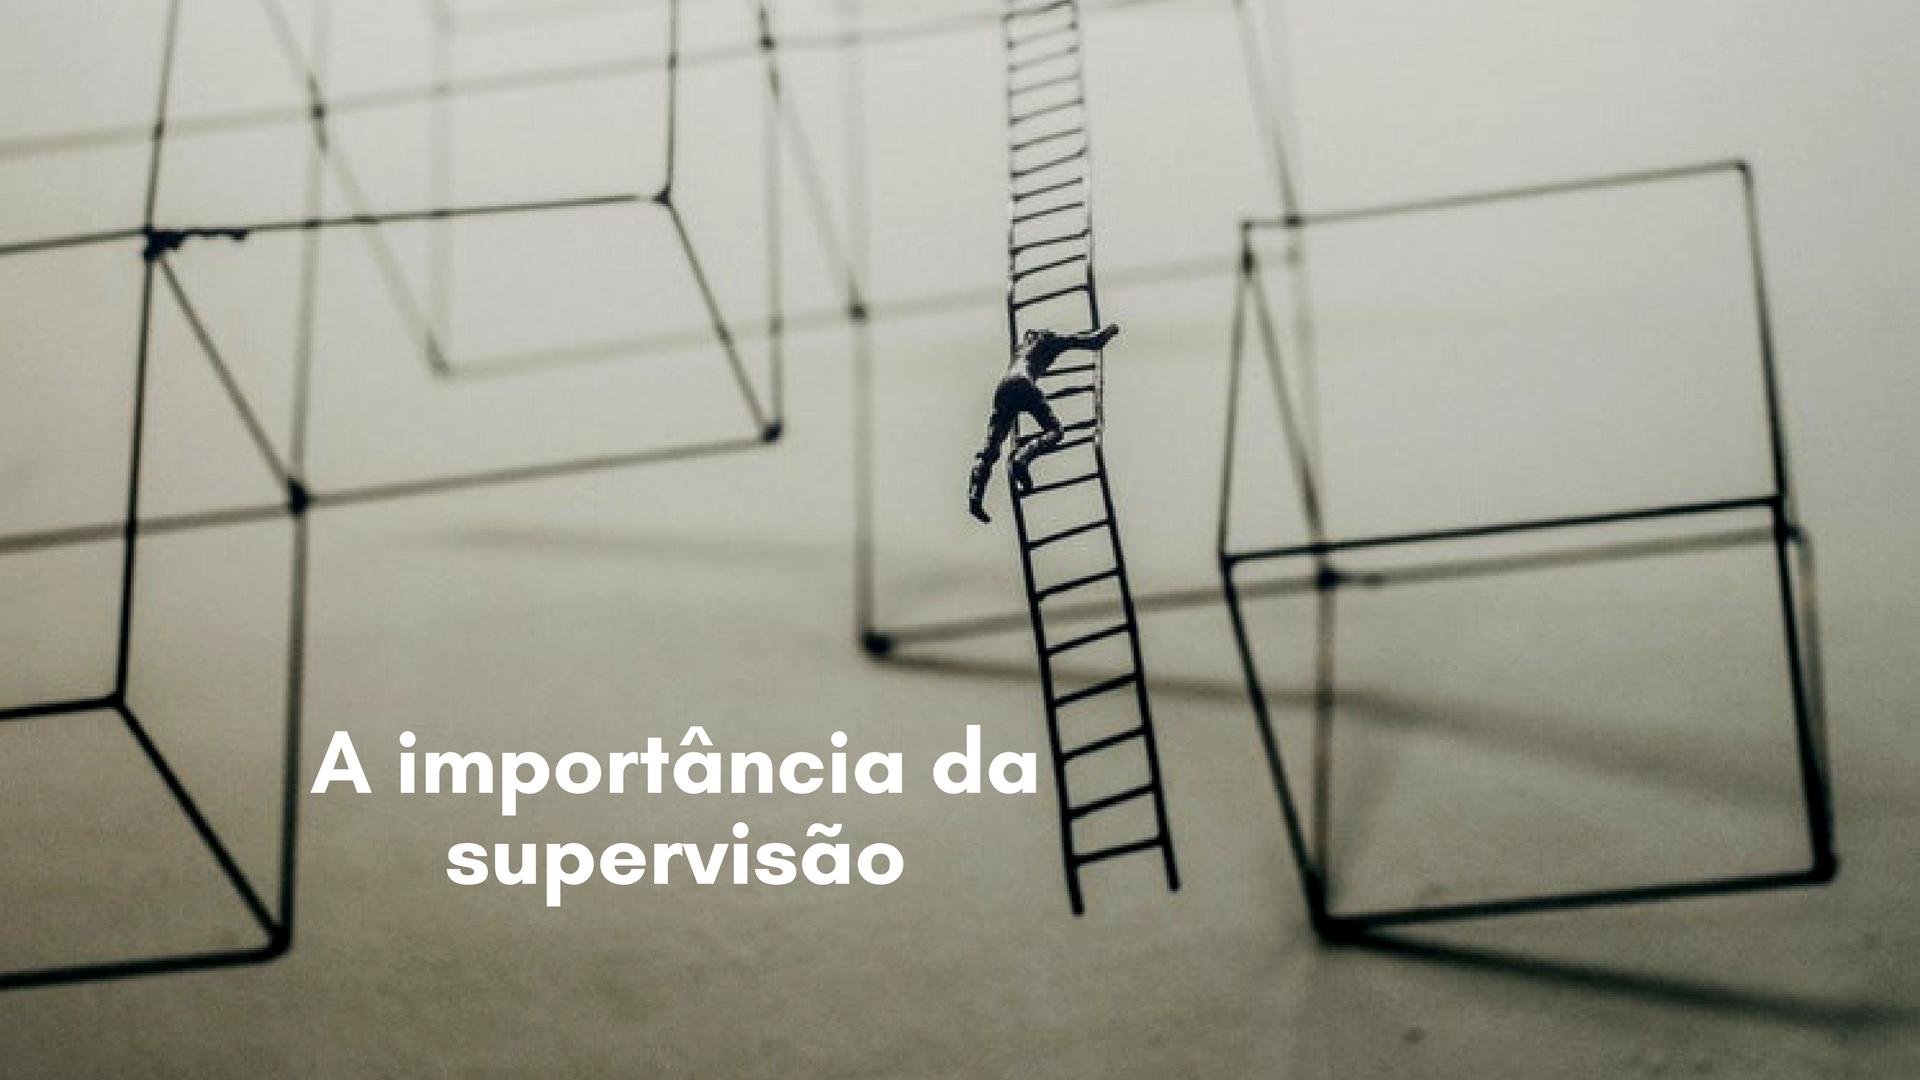 A importância da supervisão